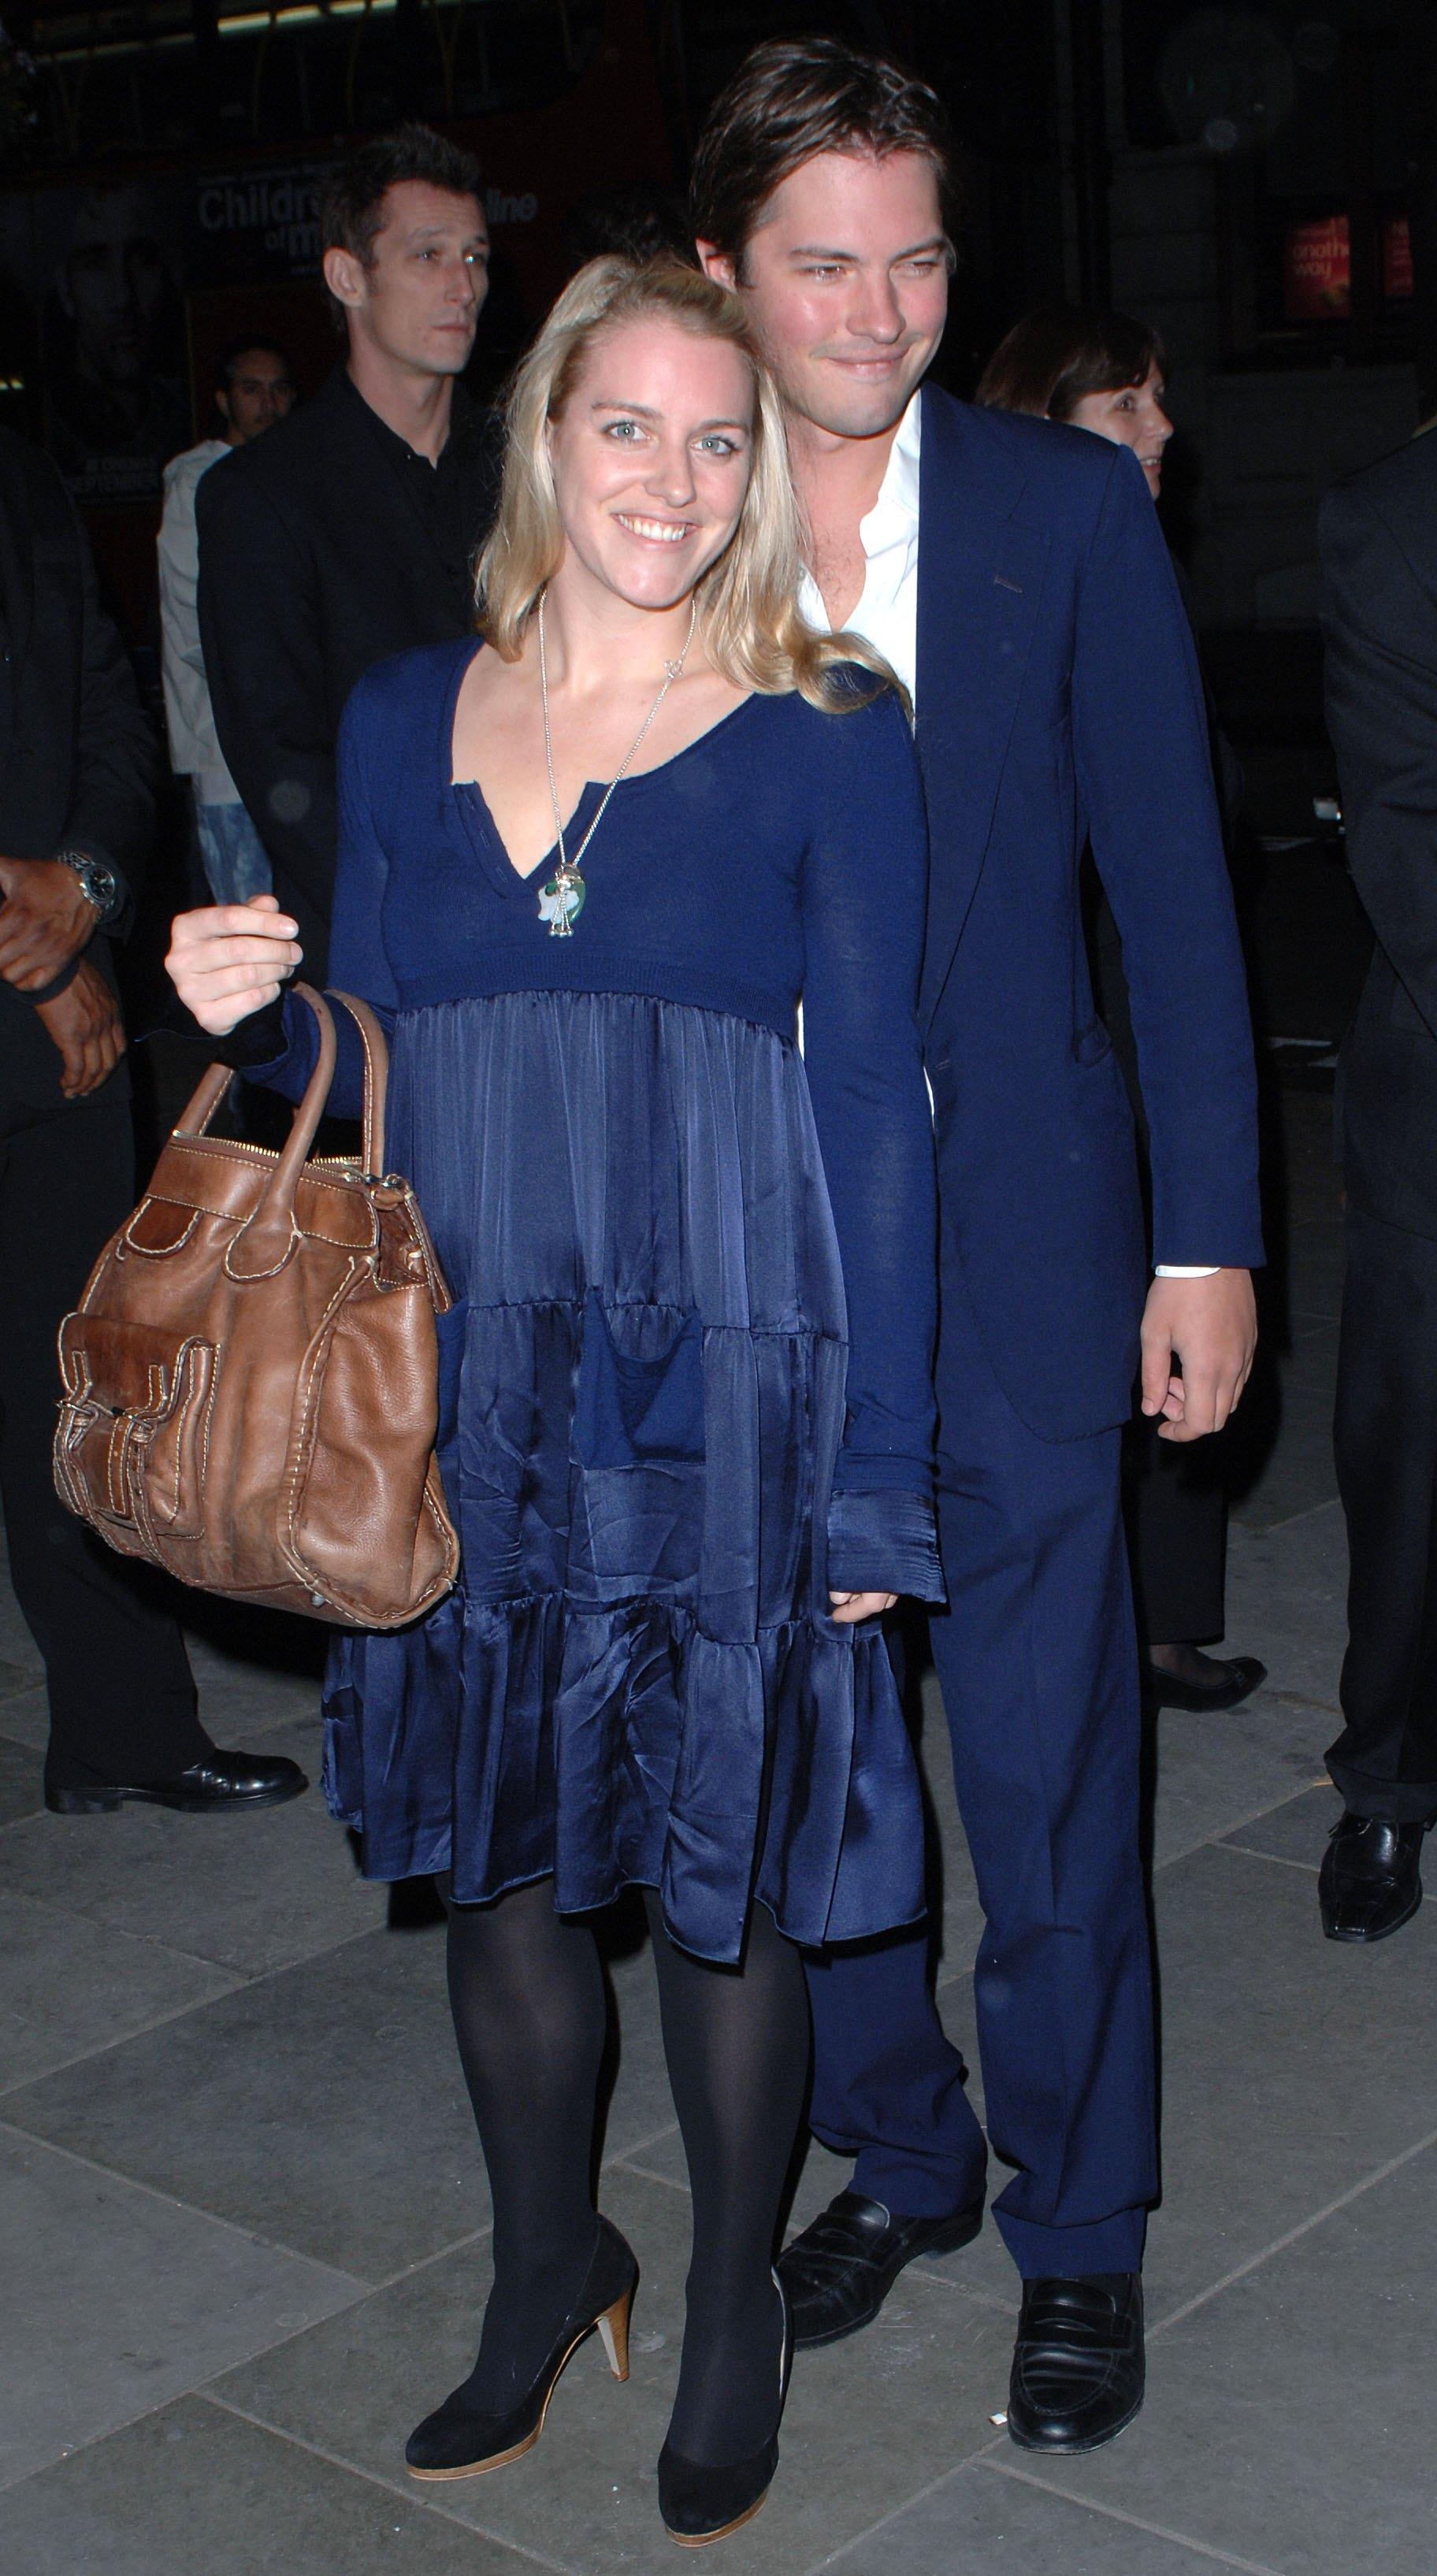 Лора страни от публичния живот. Тя управлява различни галерии в Лондон. Омъжена е за счетоводител на име Хари Лоупес. Двамата имат три деца.